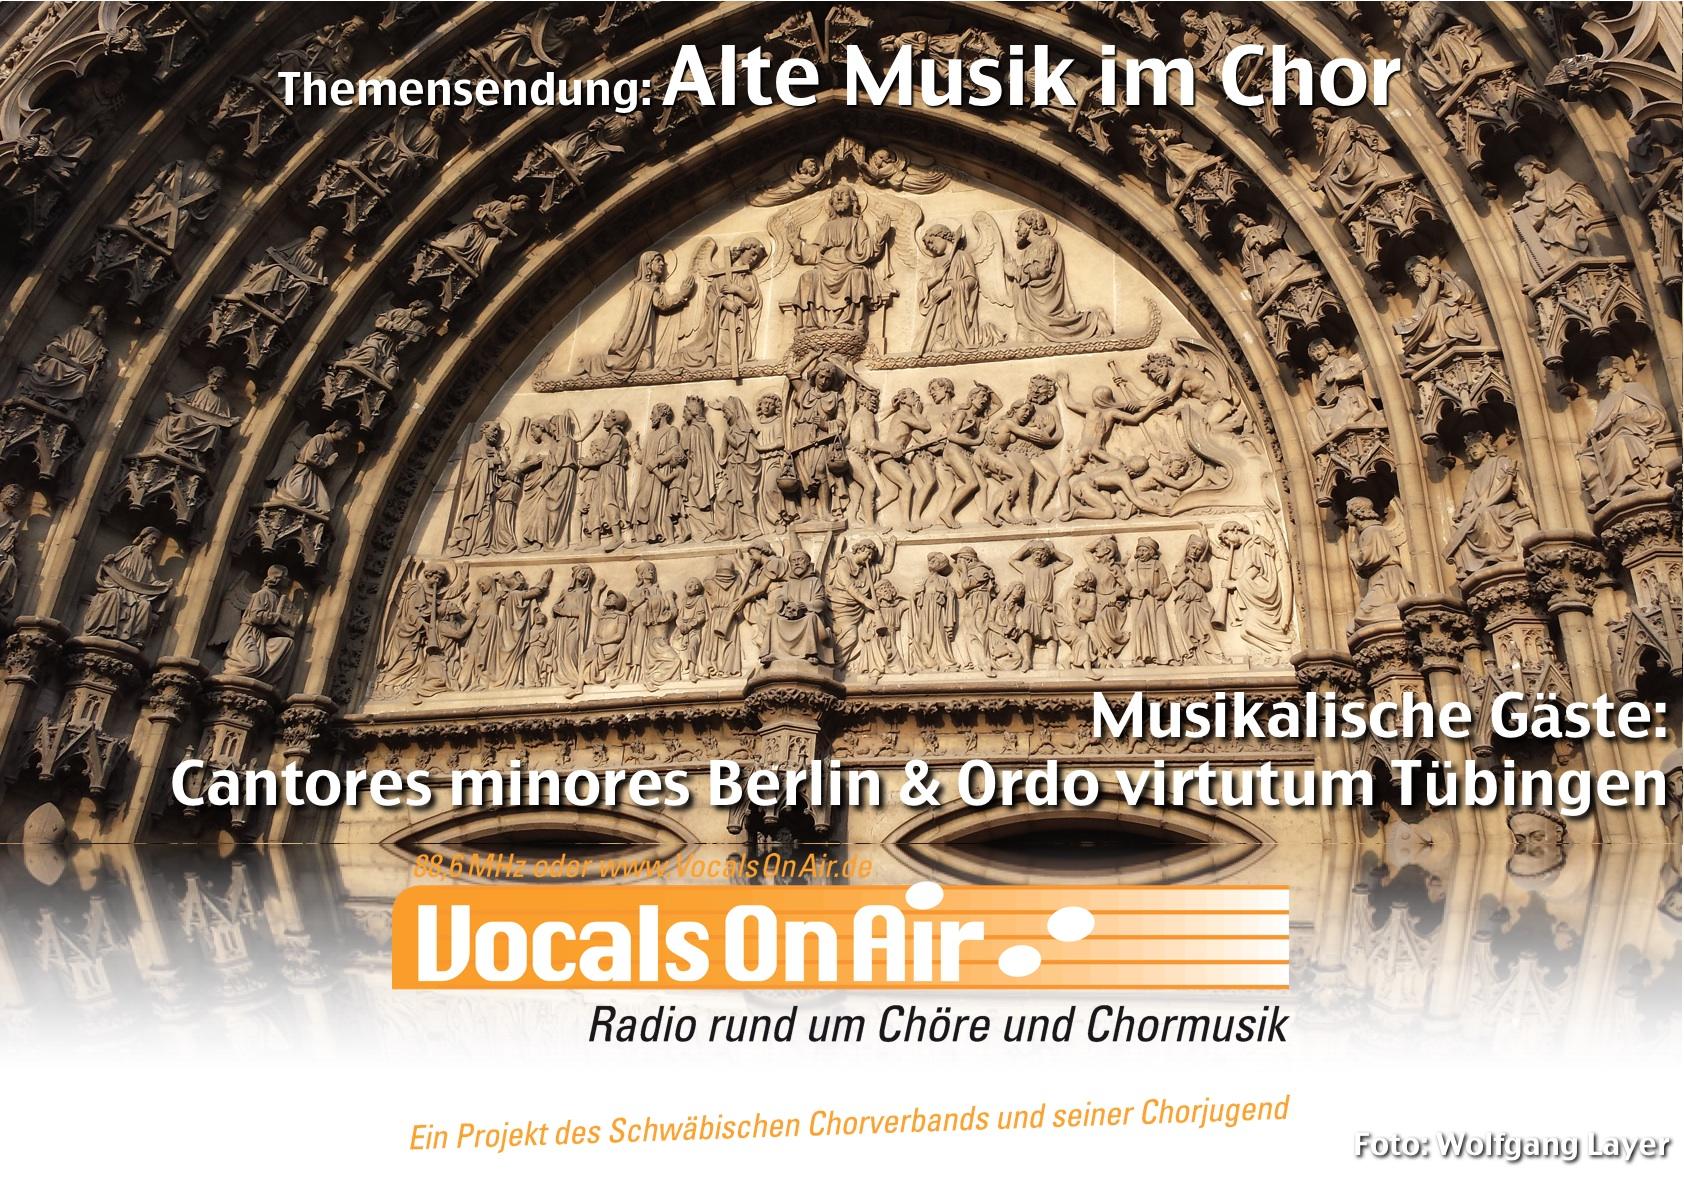 """Vocals On Air über """"Alte Musik"""" im Chor am 16.10.2014"""